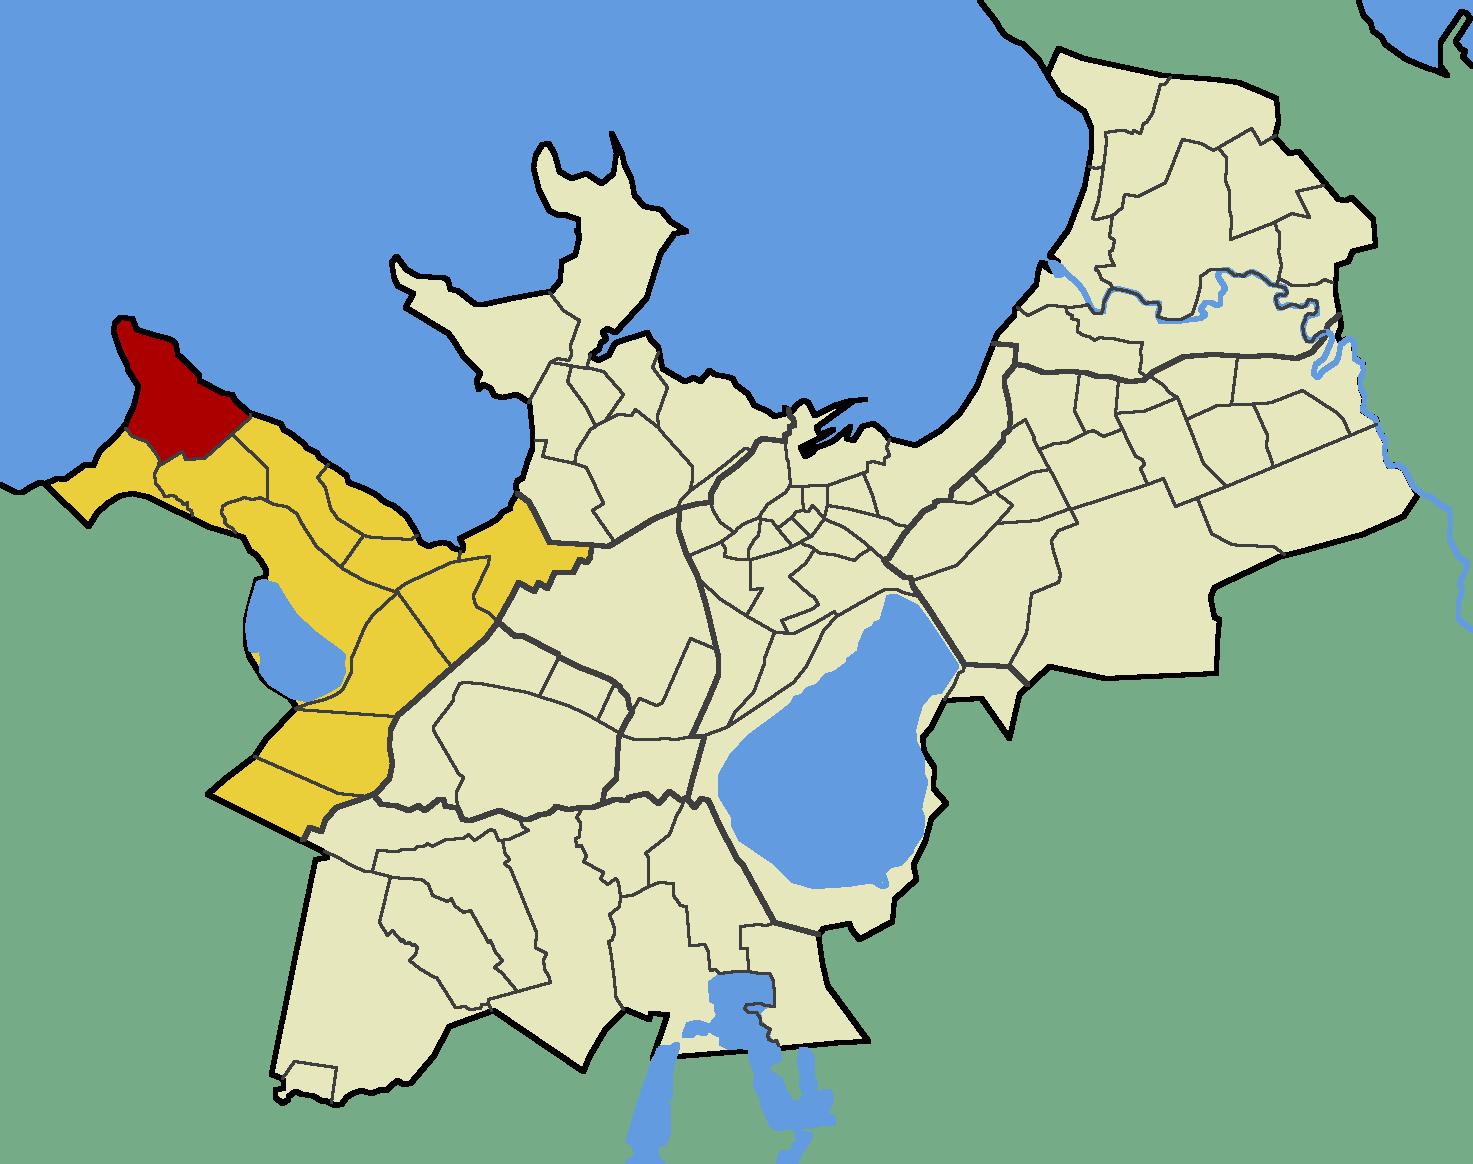 Kakumäe (Tallinn)